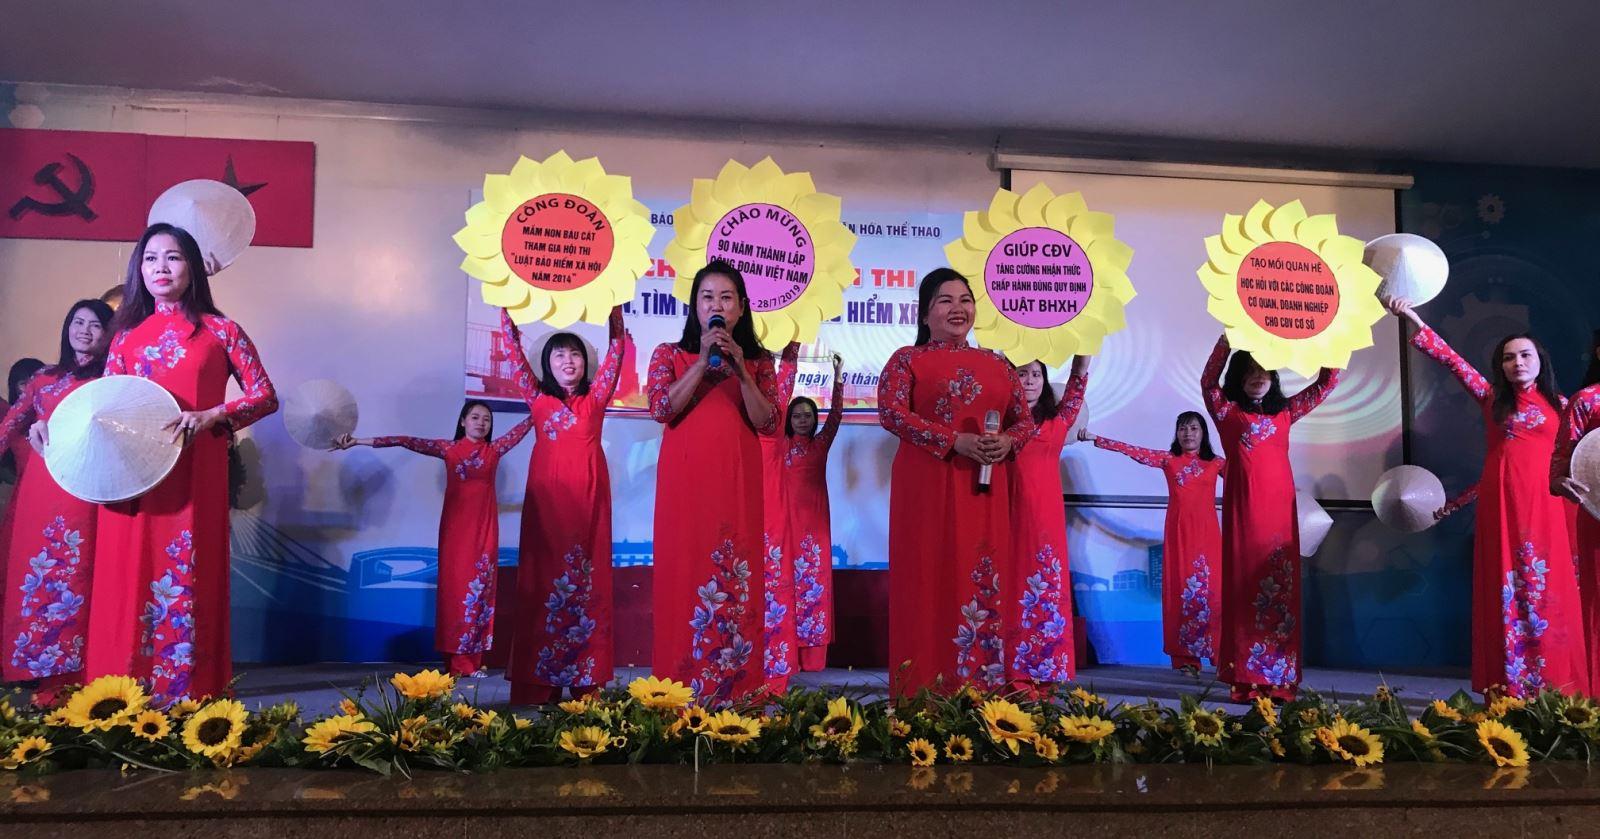 Chung kết Hội thi ``Tuyên truyền, tìm hiểu về Luật Bảo hiểm xã hội`` quận Tân Bình năm 2019